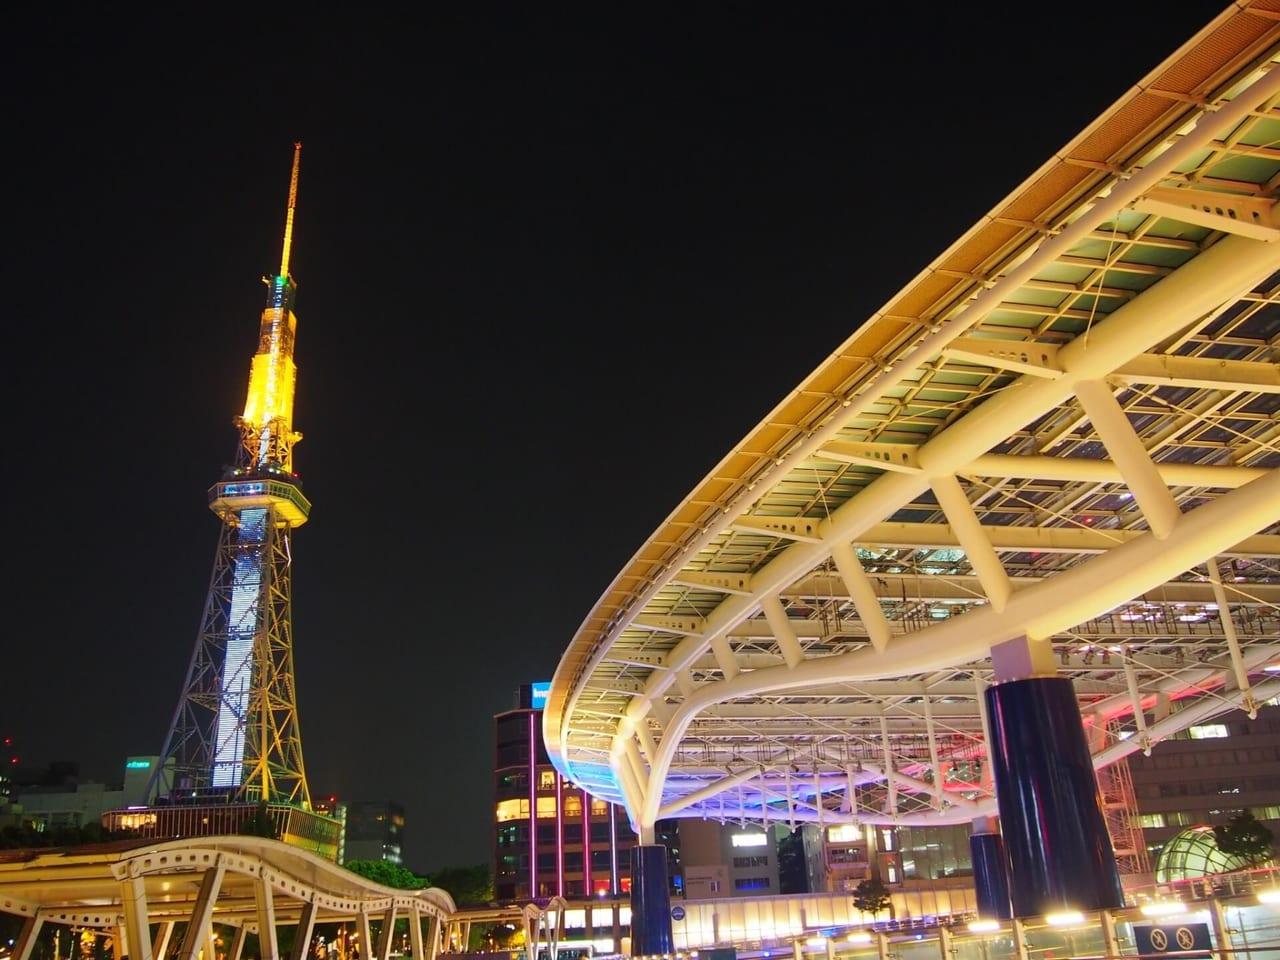 夜のオアシス21とテレビ塔